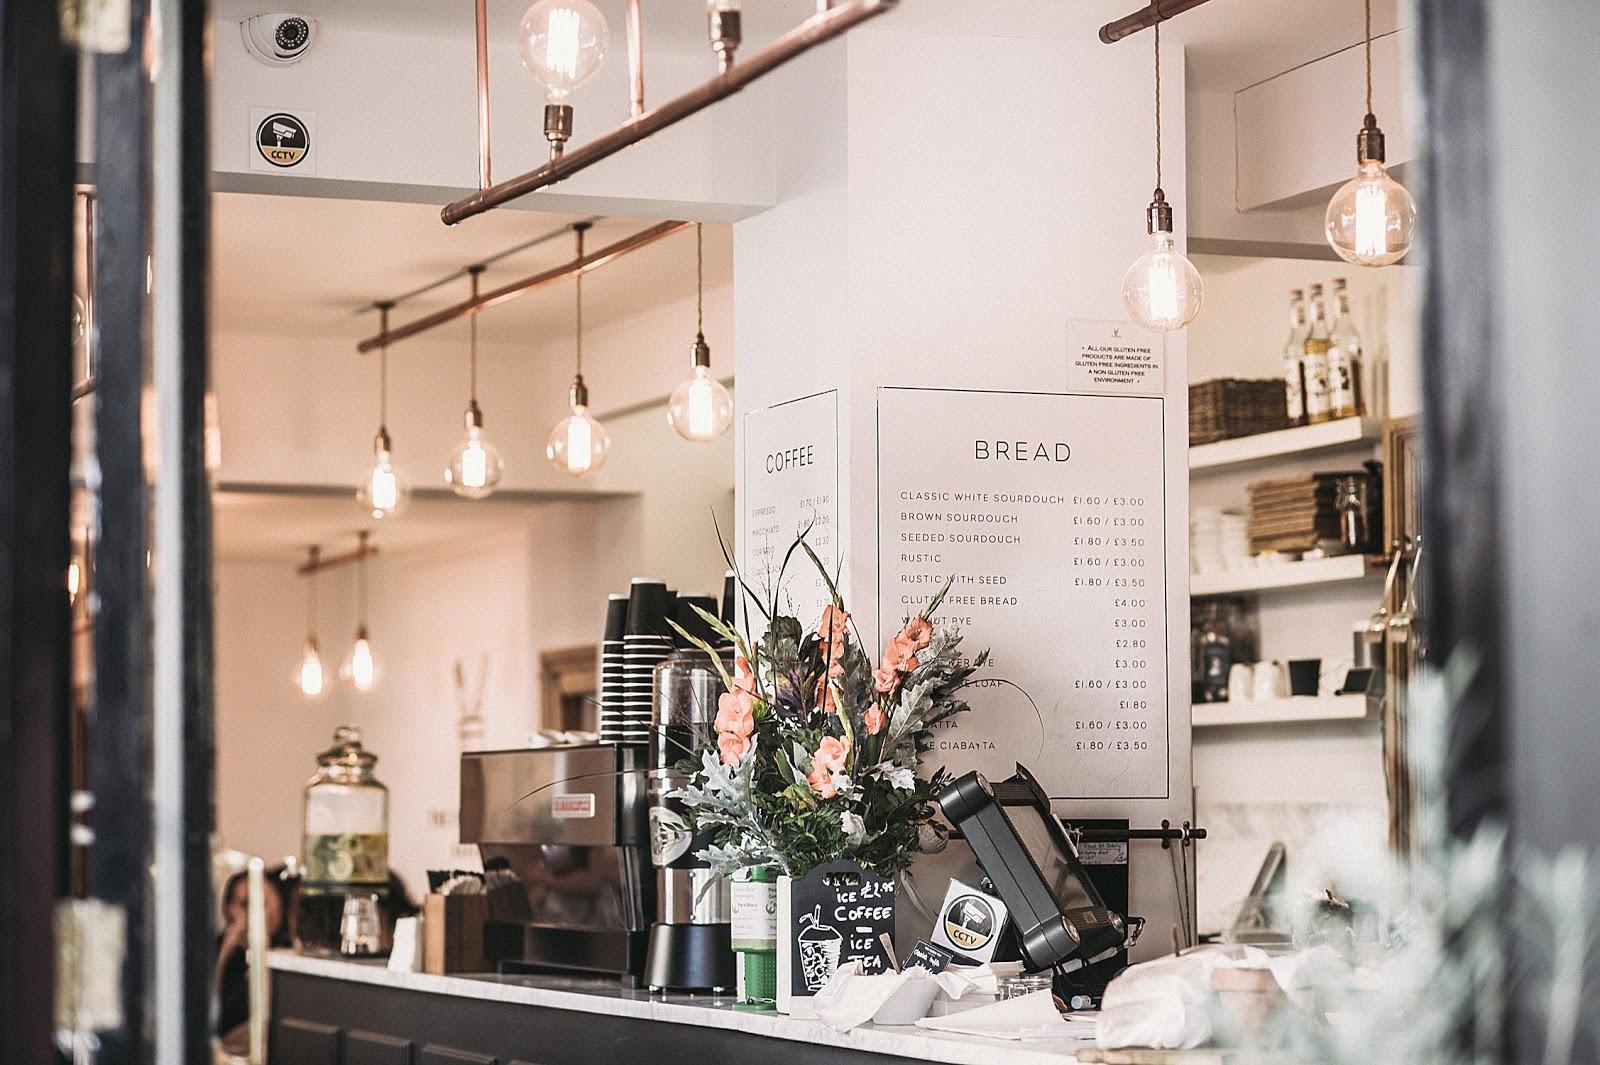 Coffee Shops near USC